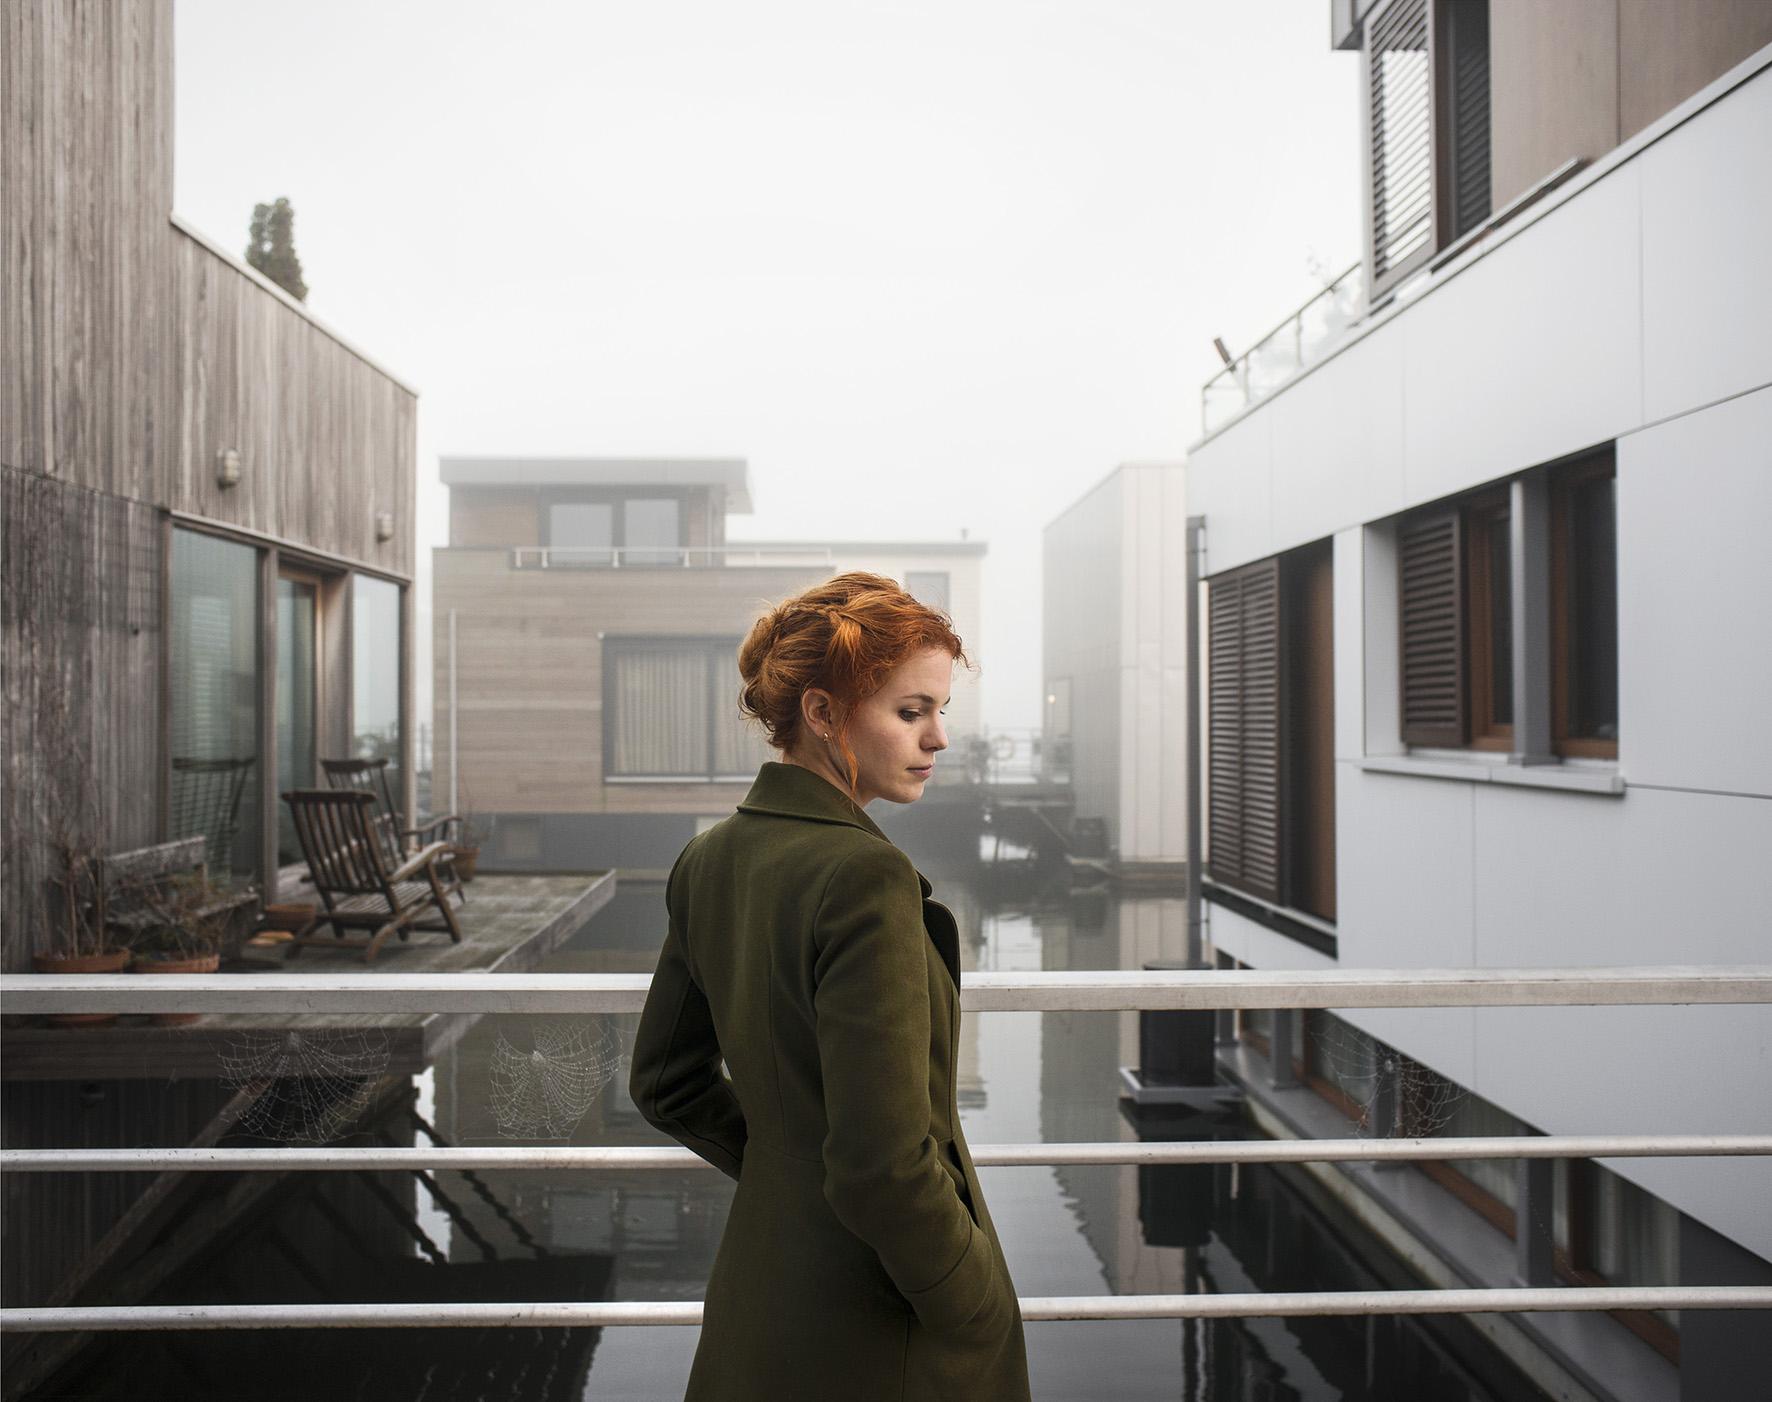 Pour une poign e de degr s lense for Agence brun paysage